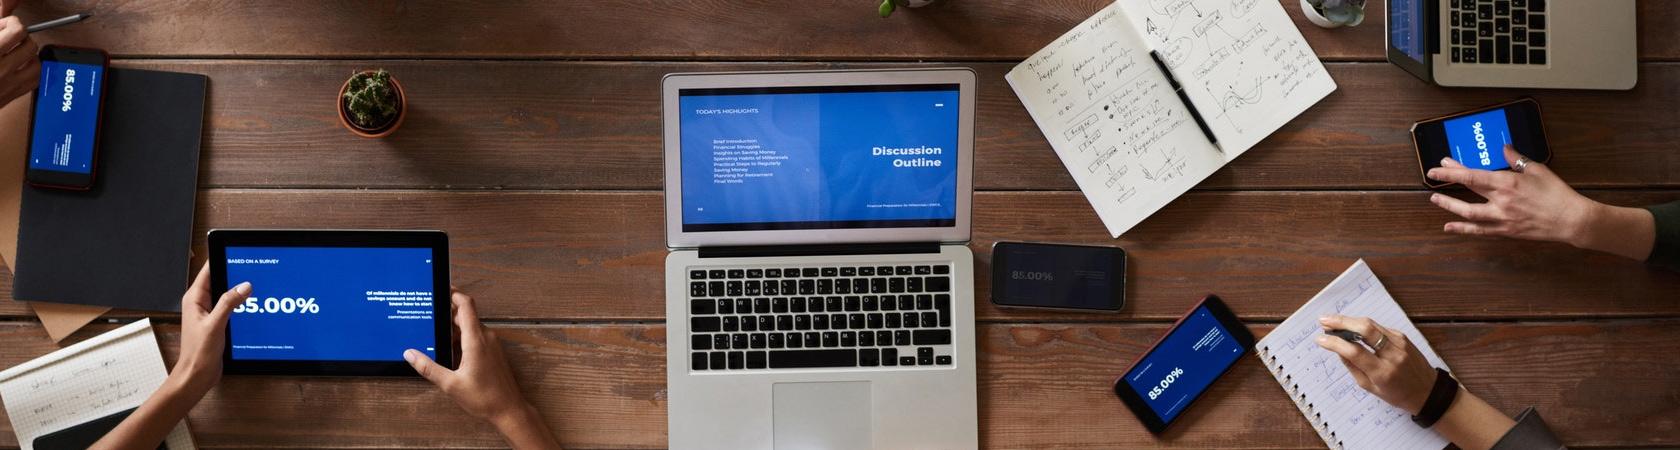 разработка презентации компании